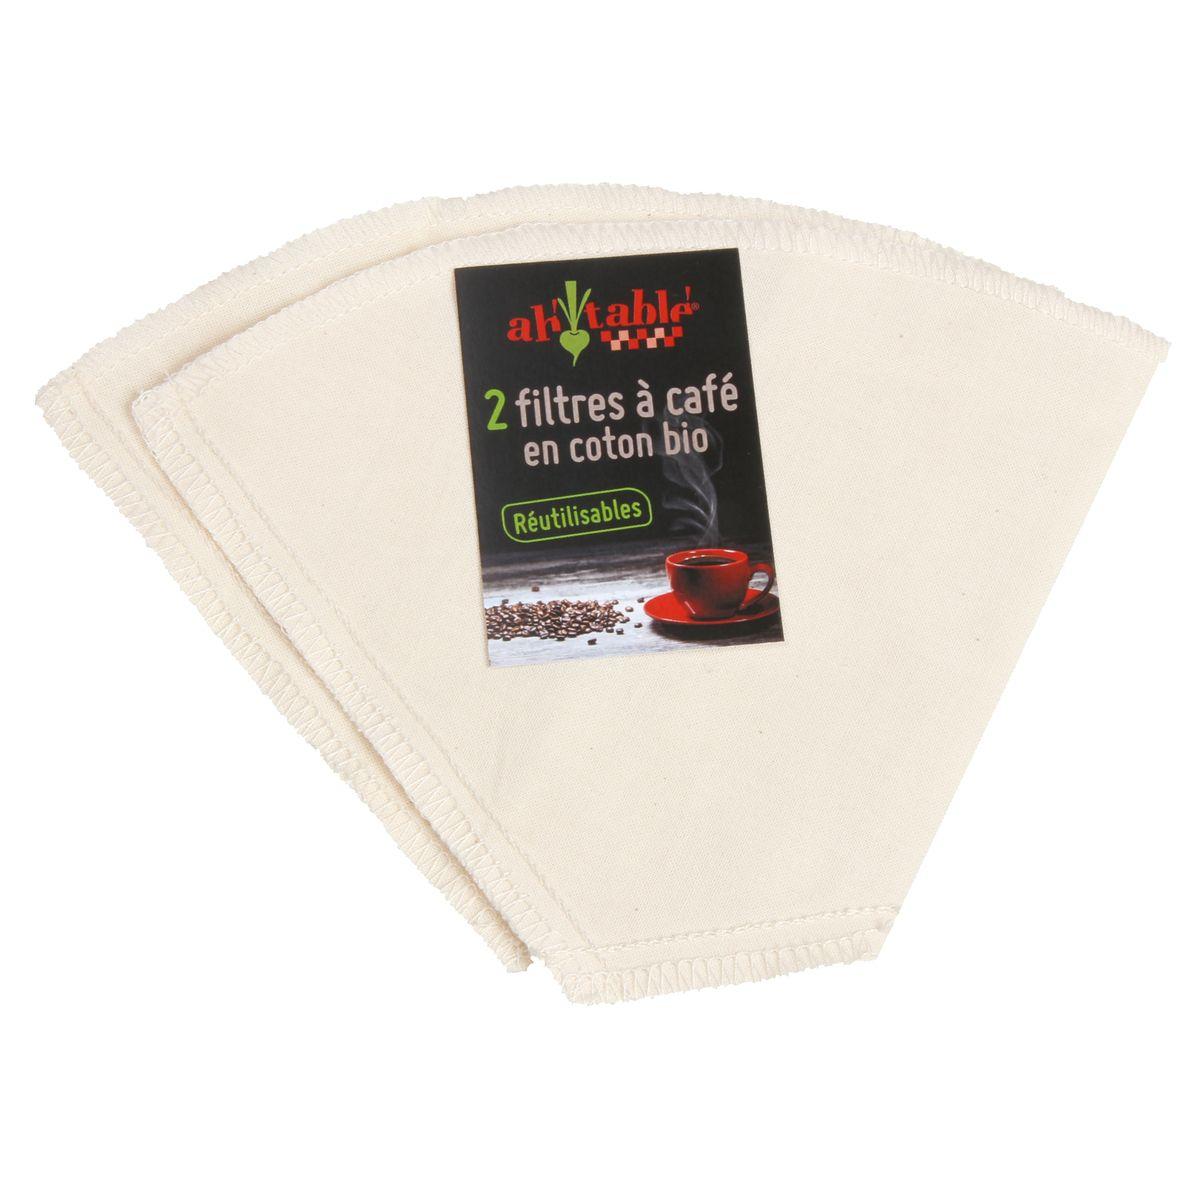 2 filtres à café en coton bio réutilisables - Ah! Table!